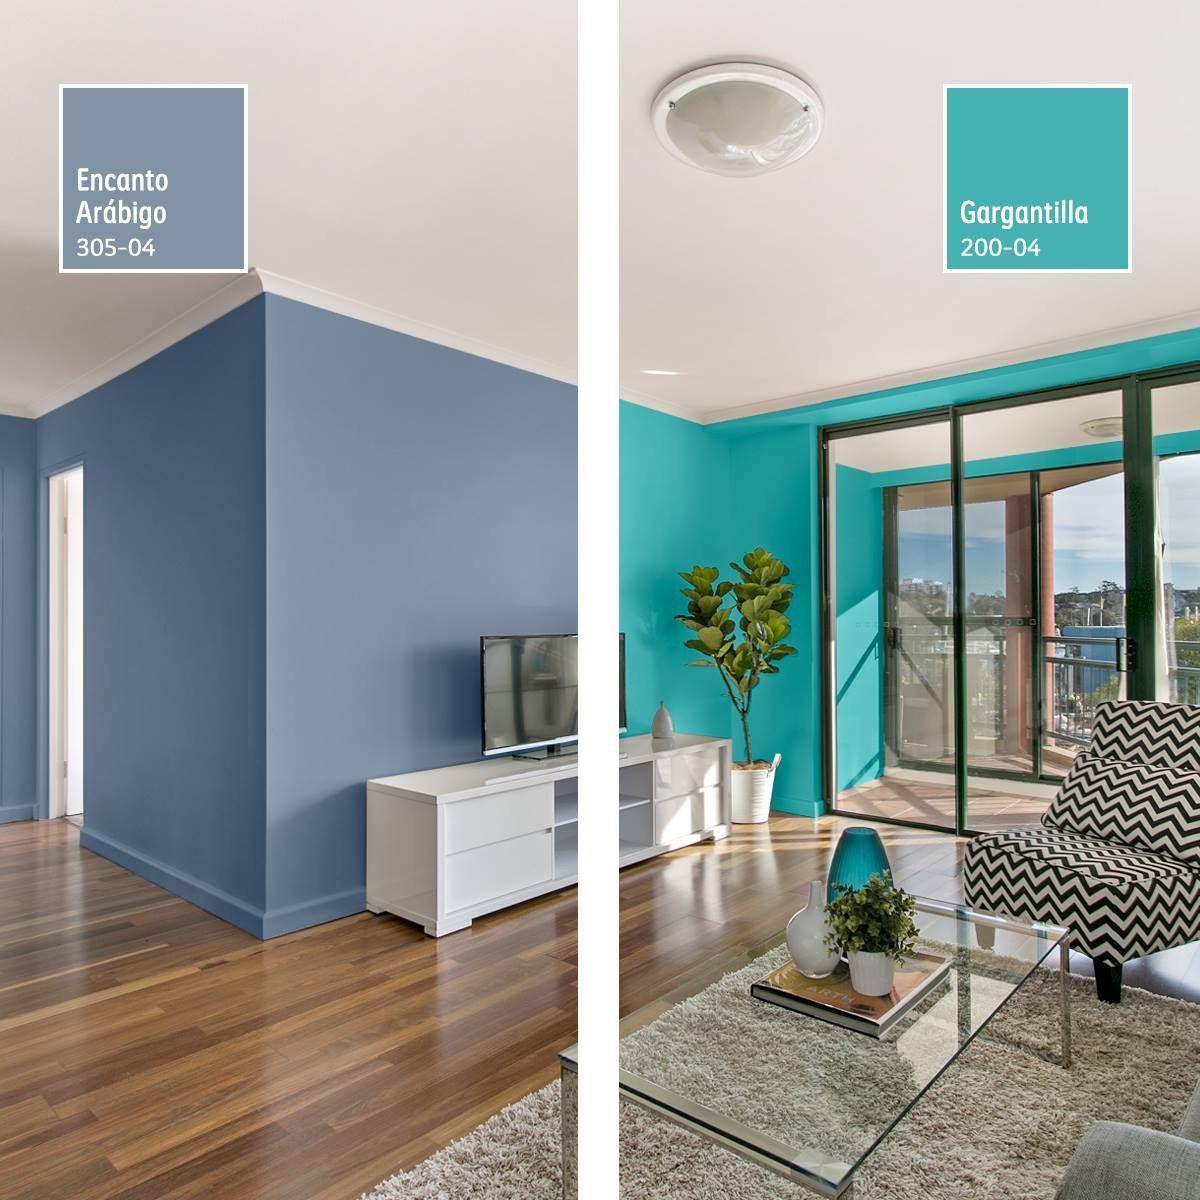 Pin De Yesenia Viviana En For The Home Casas Pintadas Interior Combinaciones De Colores Interiores Colores De Interiores